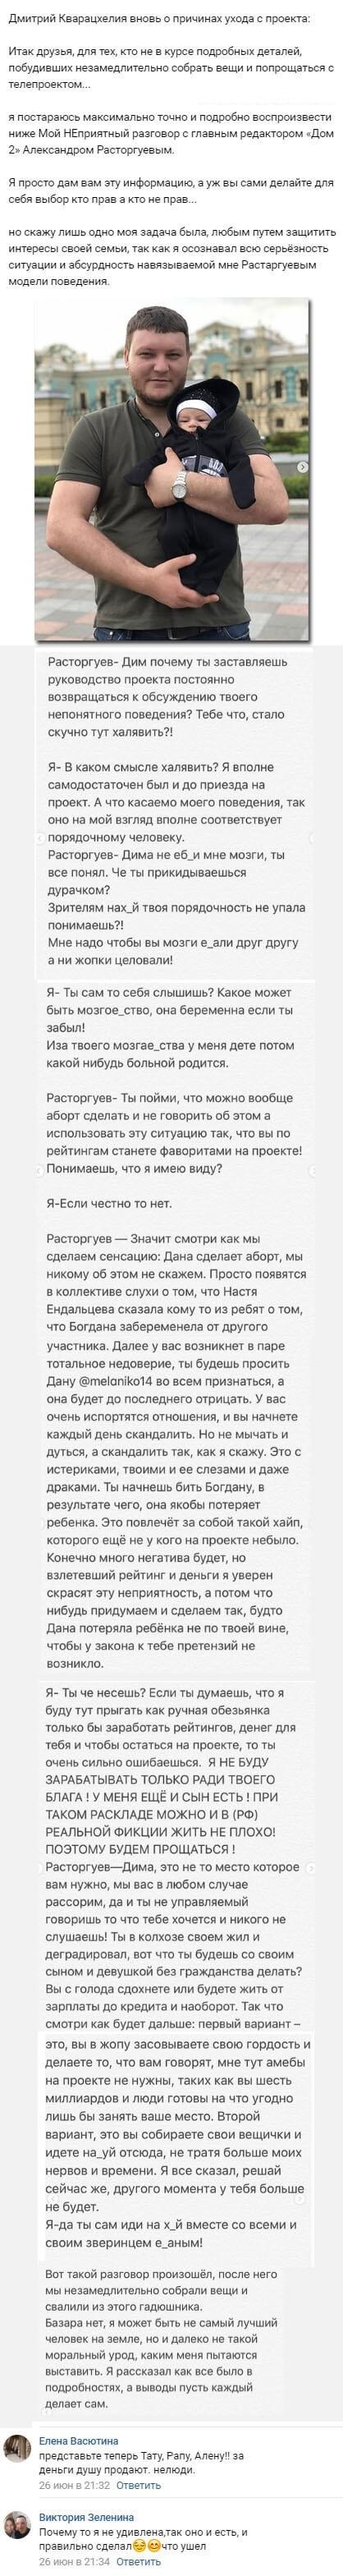 Дмитрий Кварацхелия рассказал как беременных заставляют сделать аборт